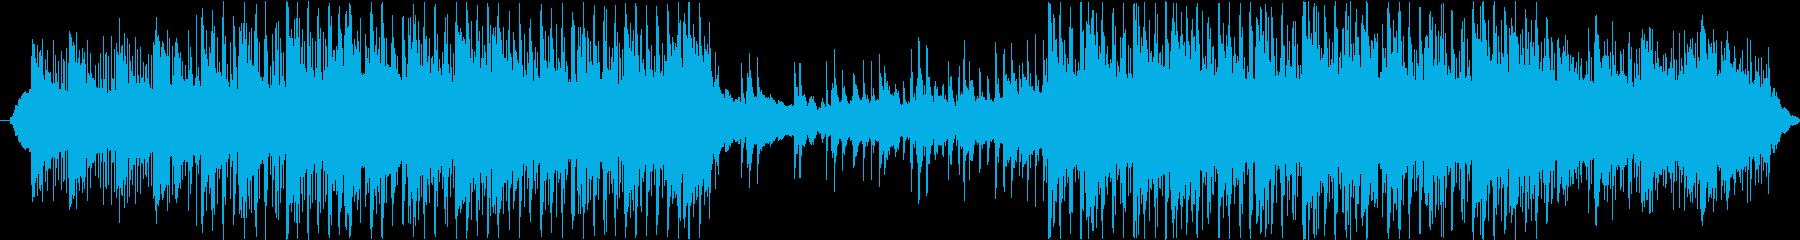 温かみのあるやる気を起こさせる音楽の再生済みの波形